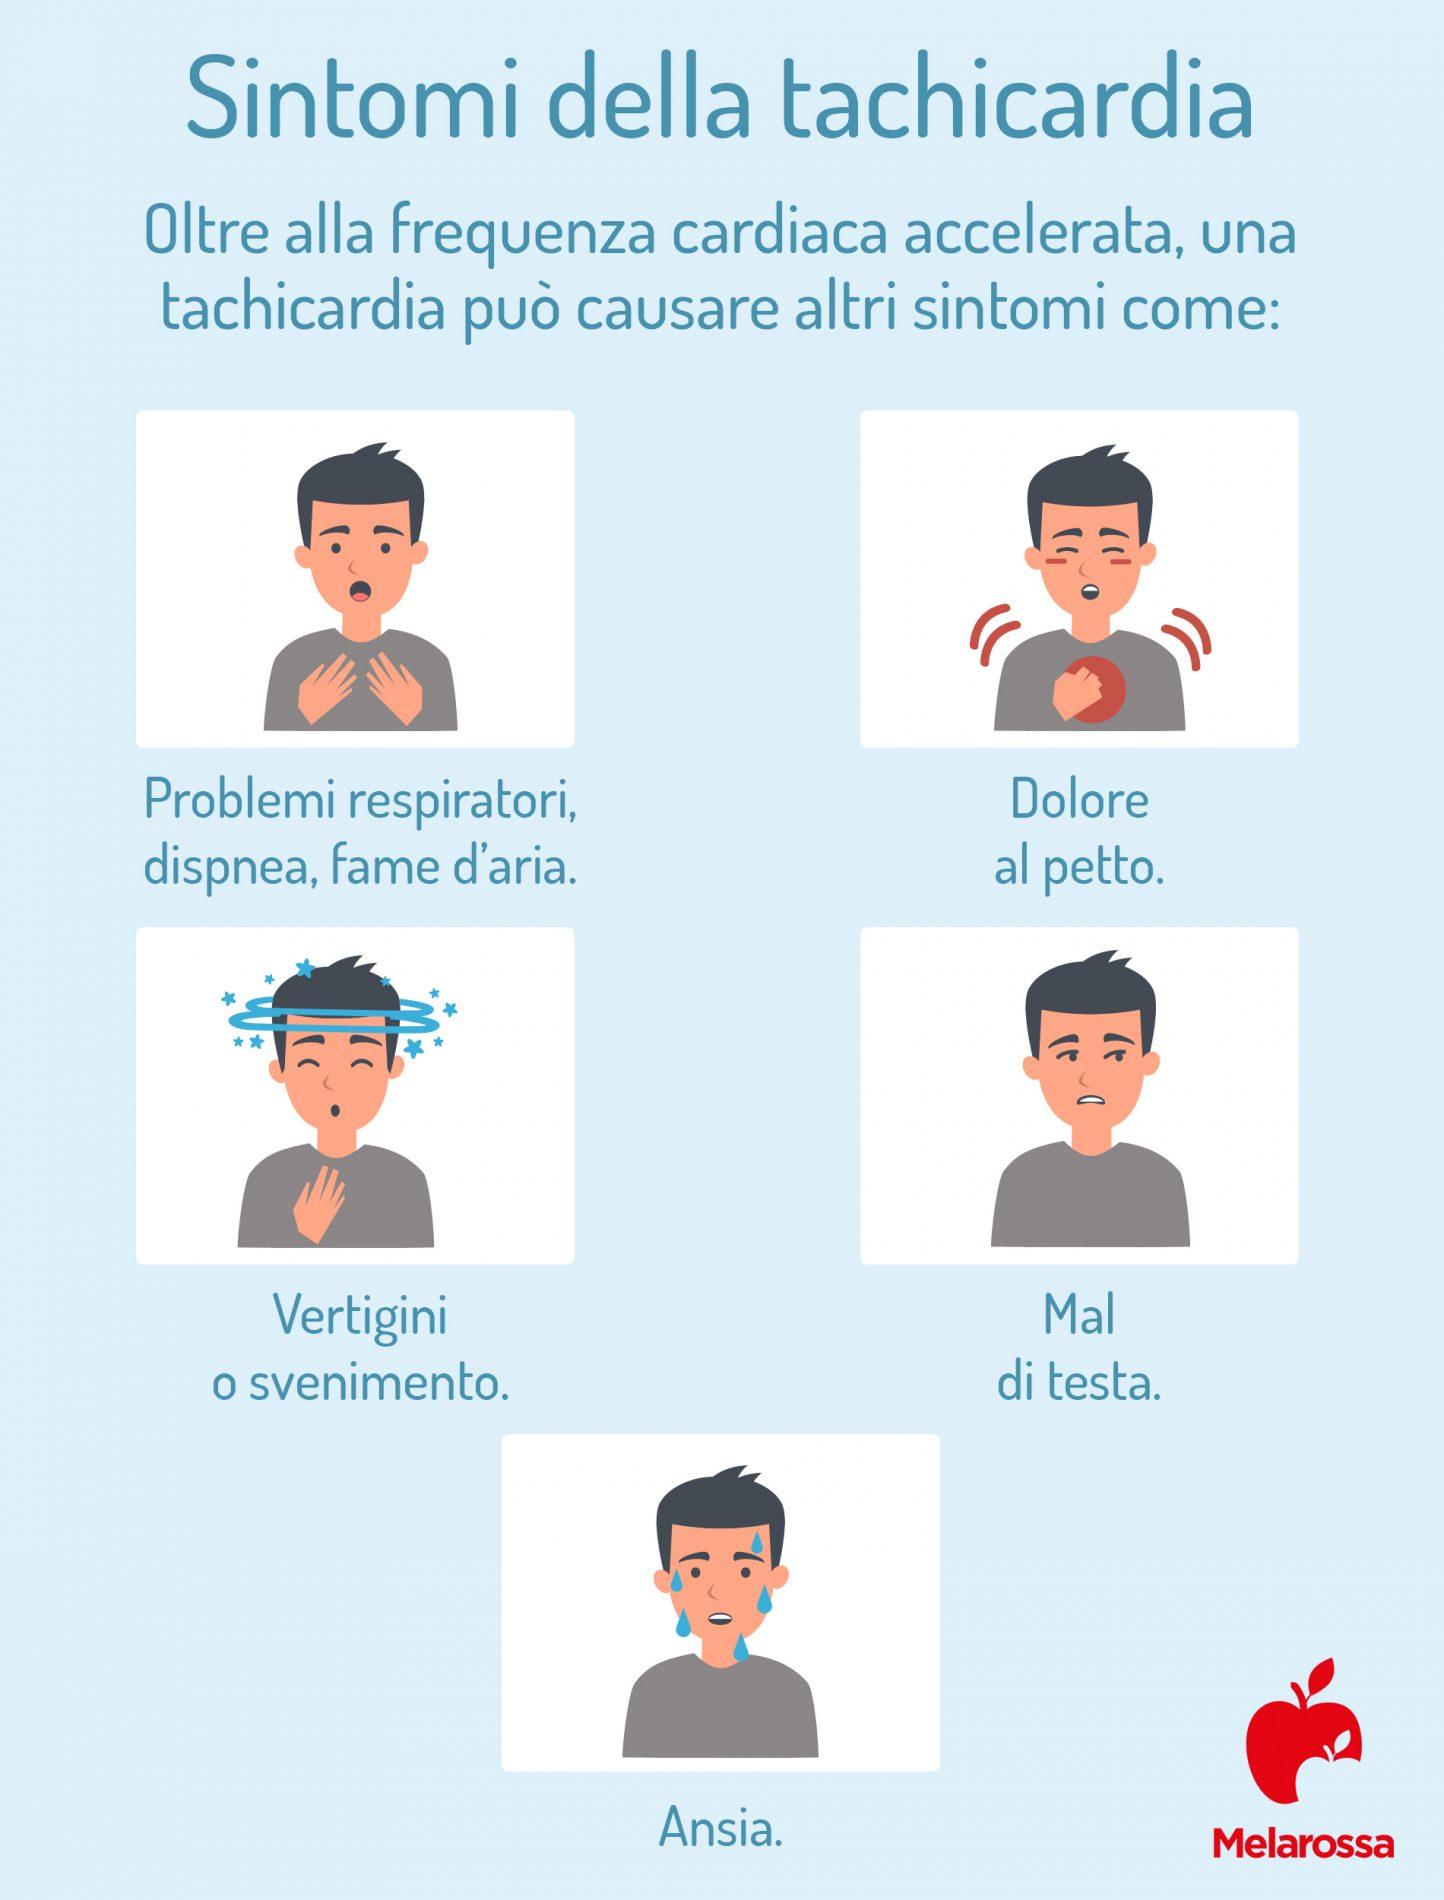 sintomi della tachicardia